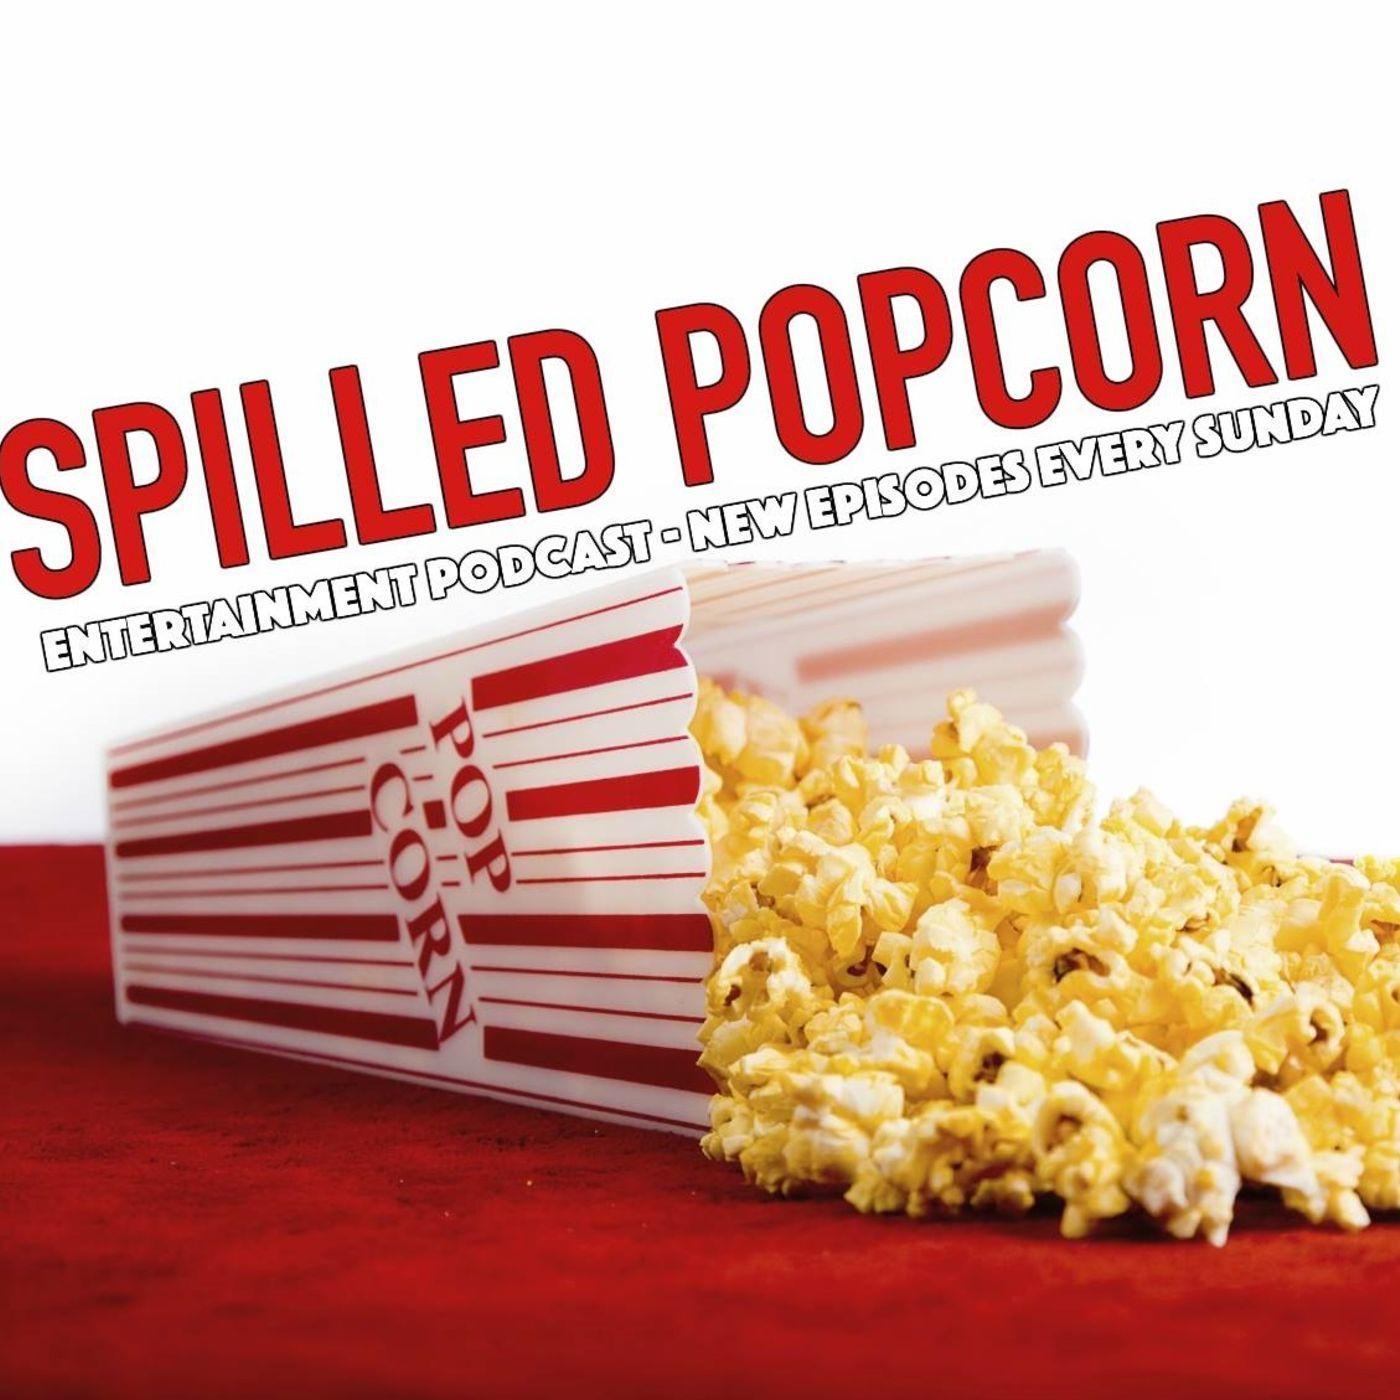 10 cloverfield lane download hd popcorn